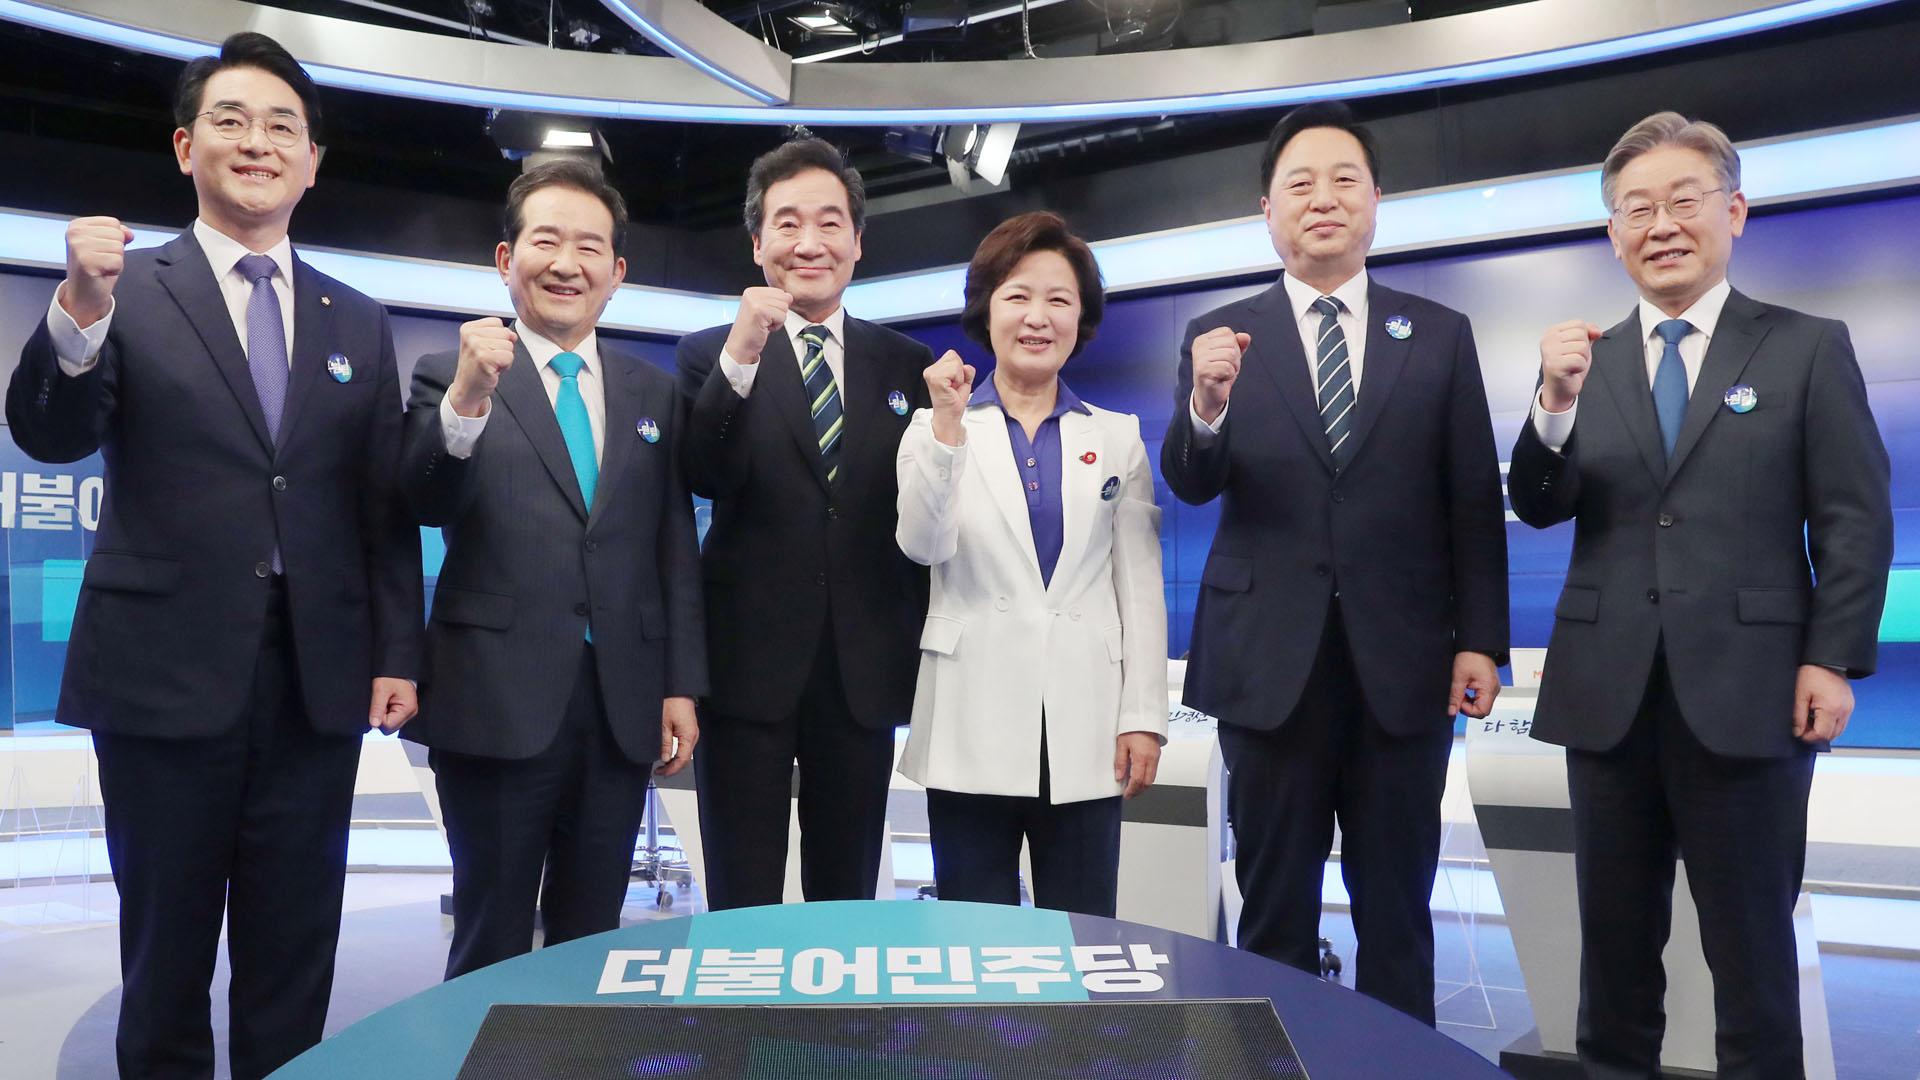 이재명·이낙연, TV토론서 또 충돌…野 '친윤-반윤' 격돌